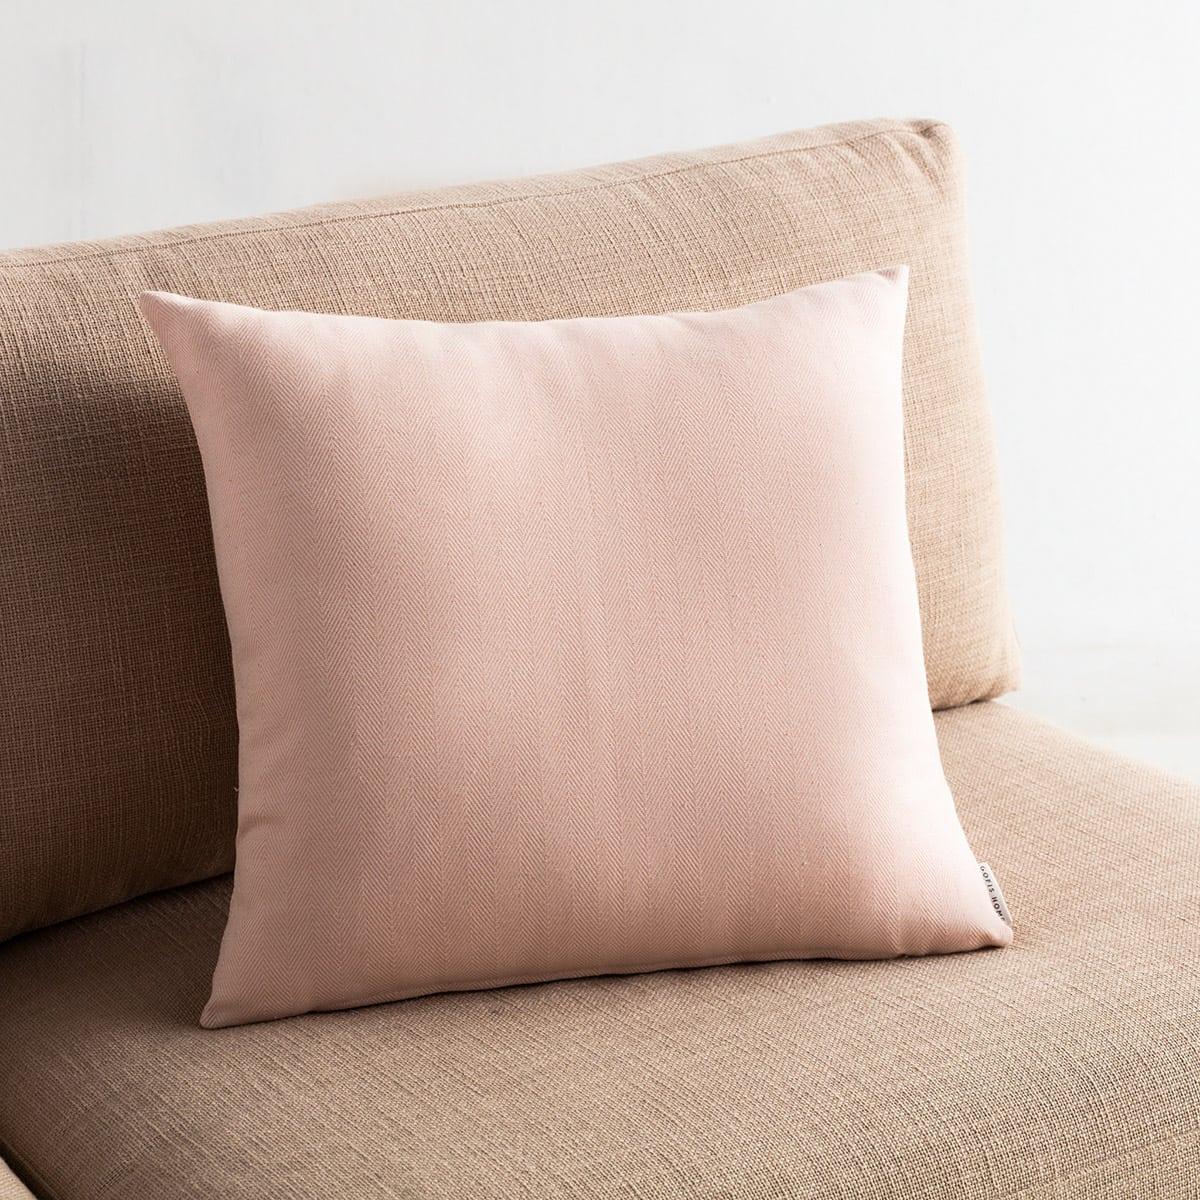 Μαξιλαροθήκη Διακοσμητική Rene 732/25 Pink Gofis Home 50X50 Βαμβάκι-Polyester